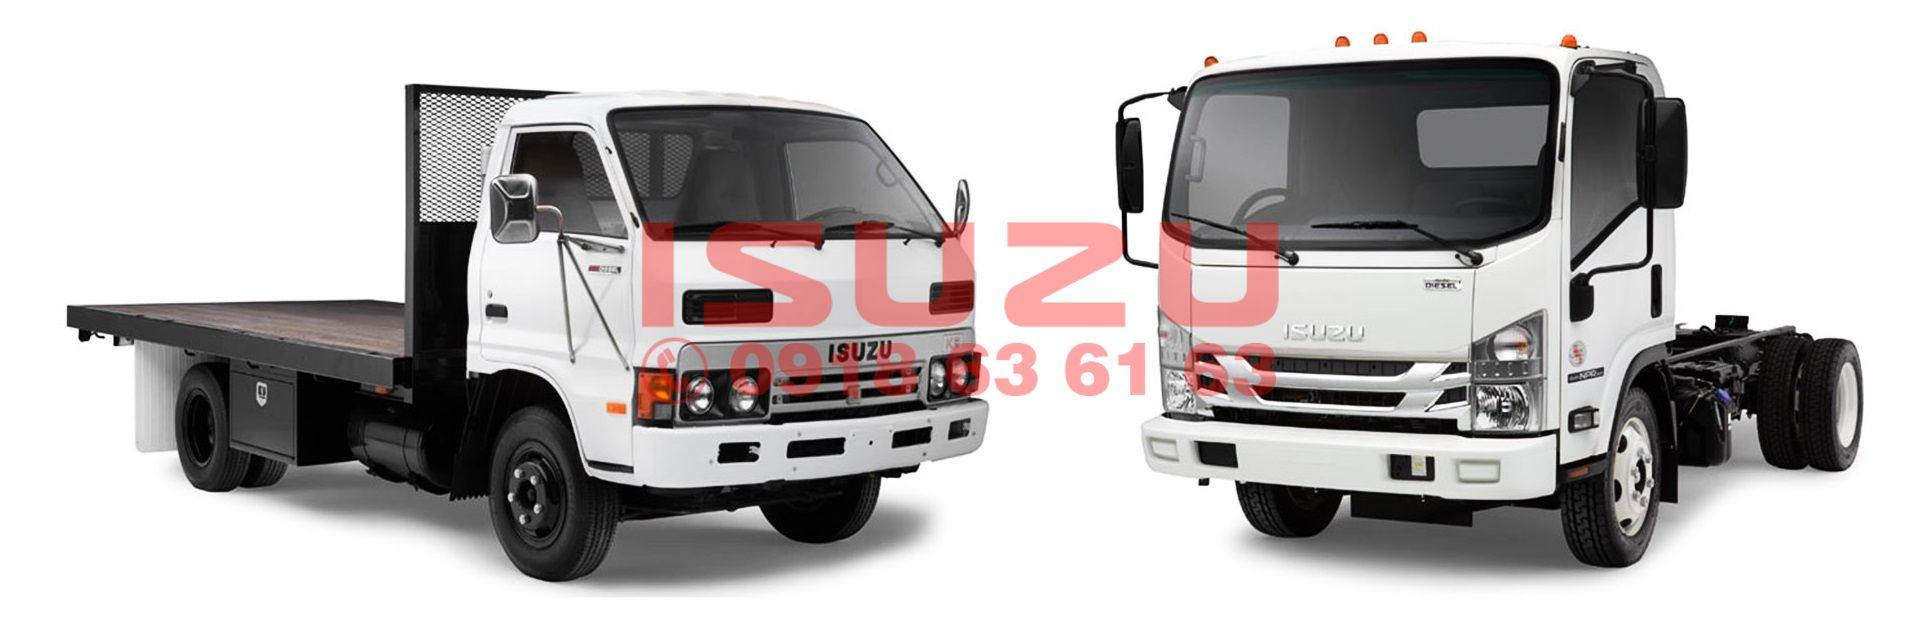 Xe tải Isuzu đời cũ và đời mới